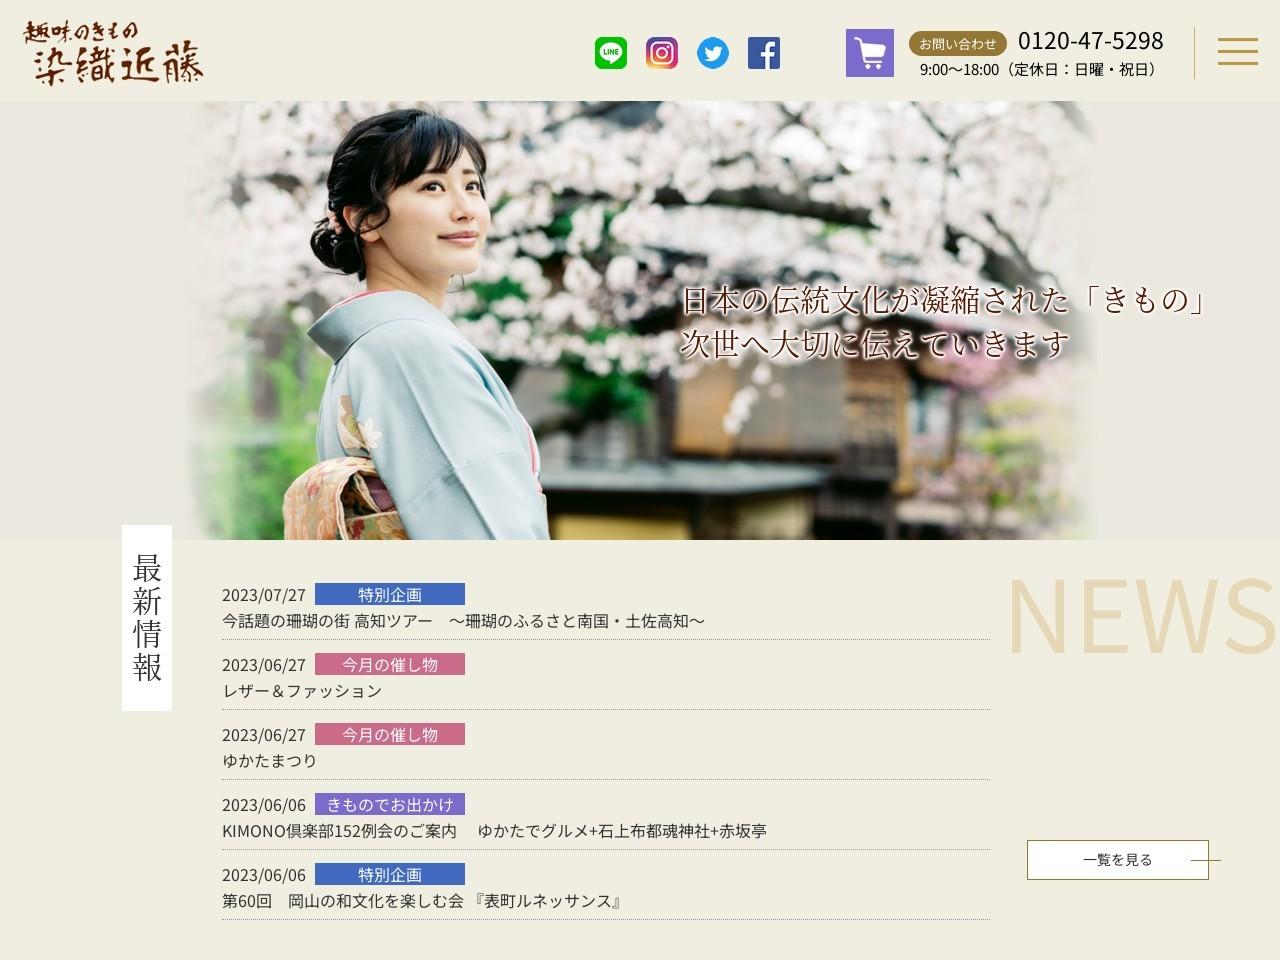 染織近藤 | 岡山市で新品着物、レンタル、リサイクル、クリーニング、通信販売